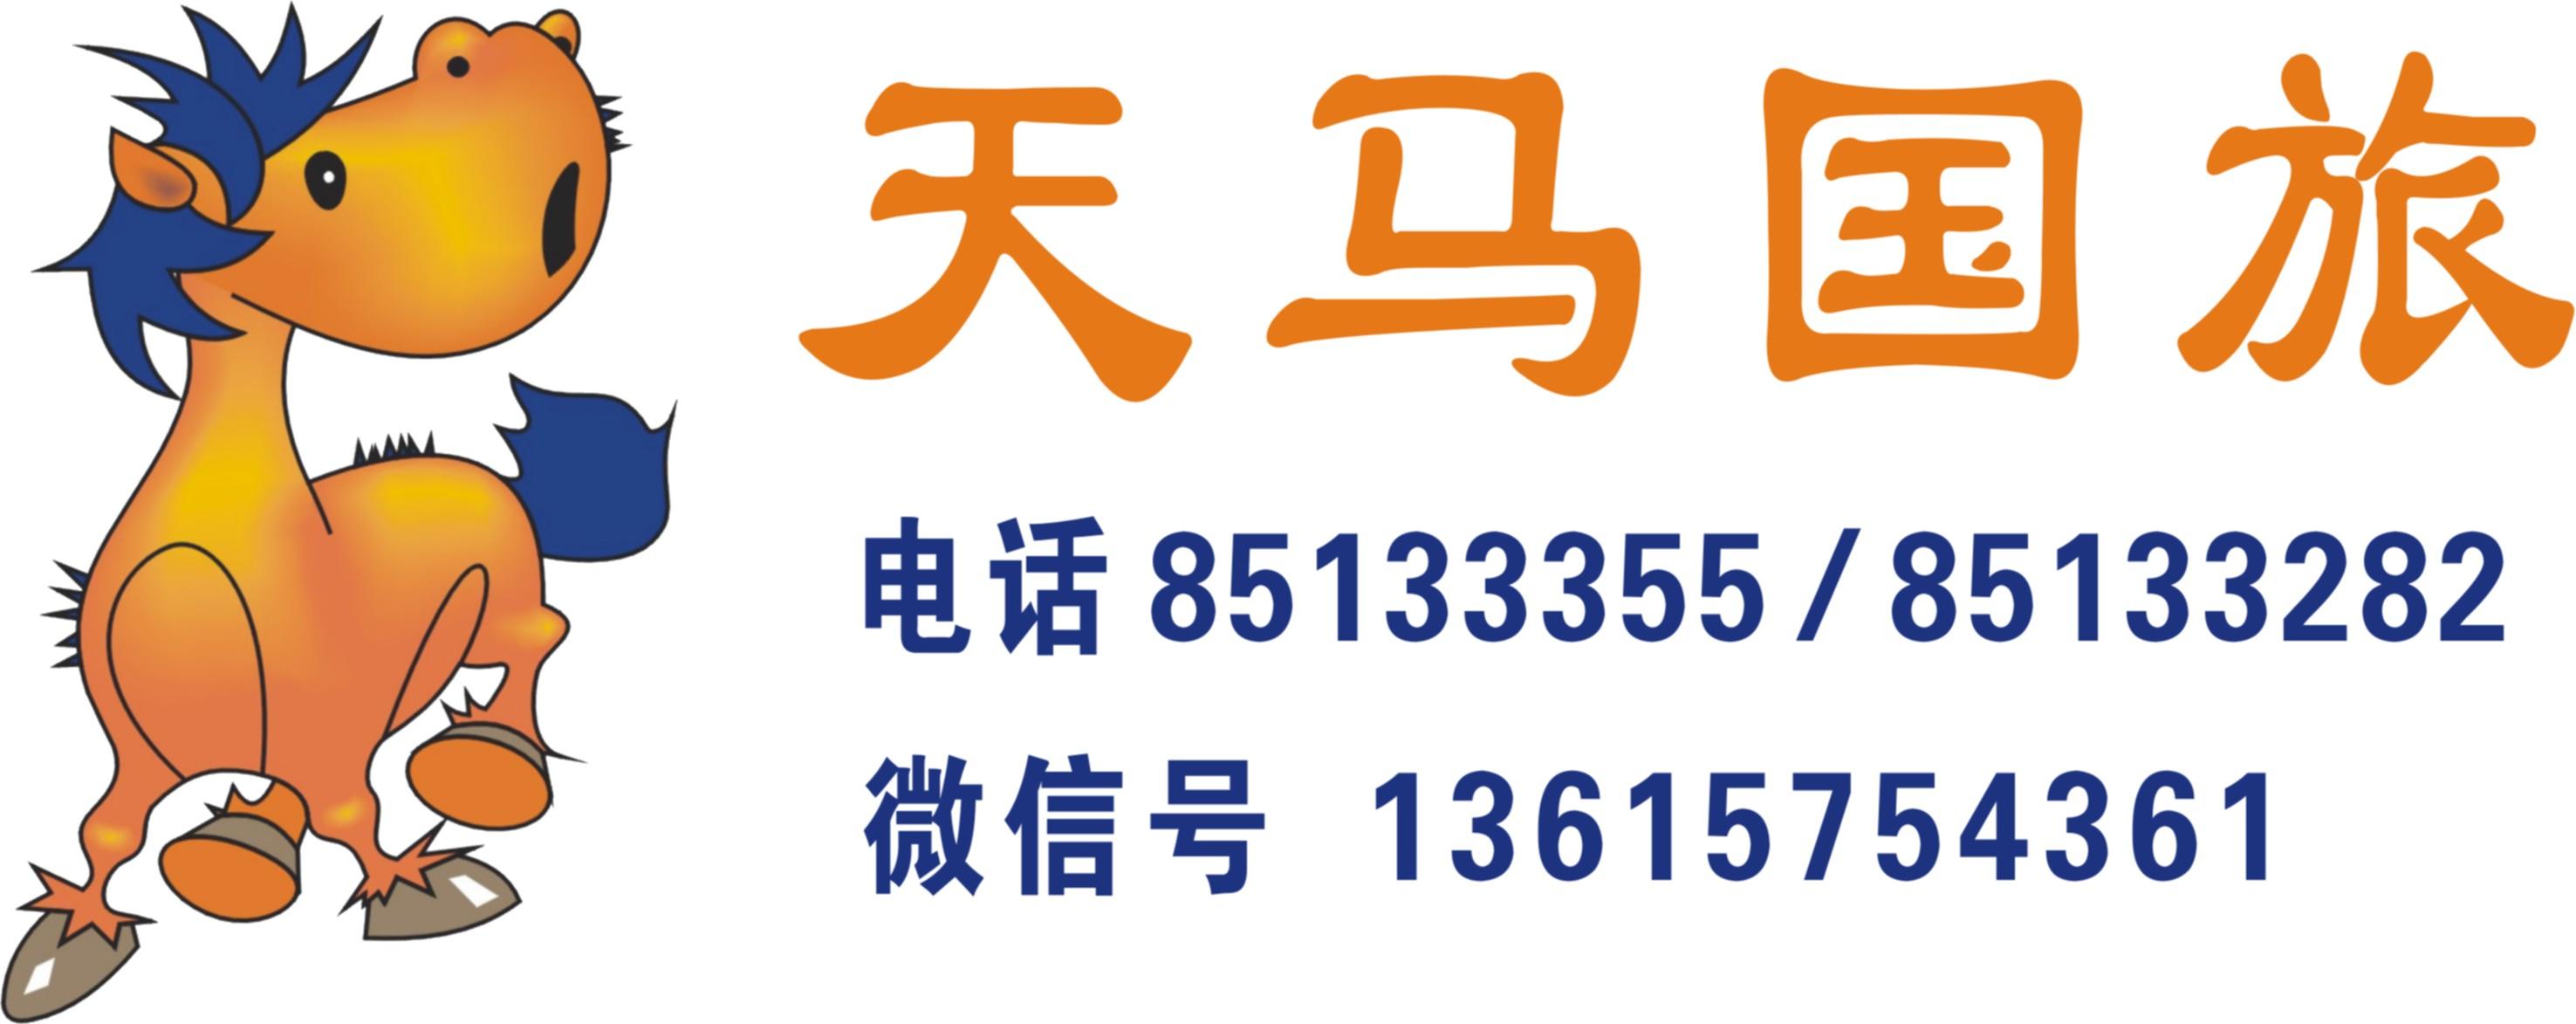 3月【桂林千古情、阳朔、四星船游、红溪瀑、银子岩双高五日】